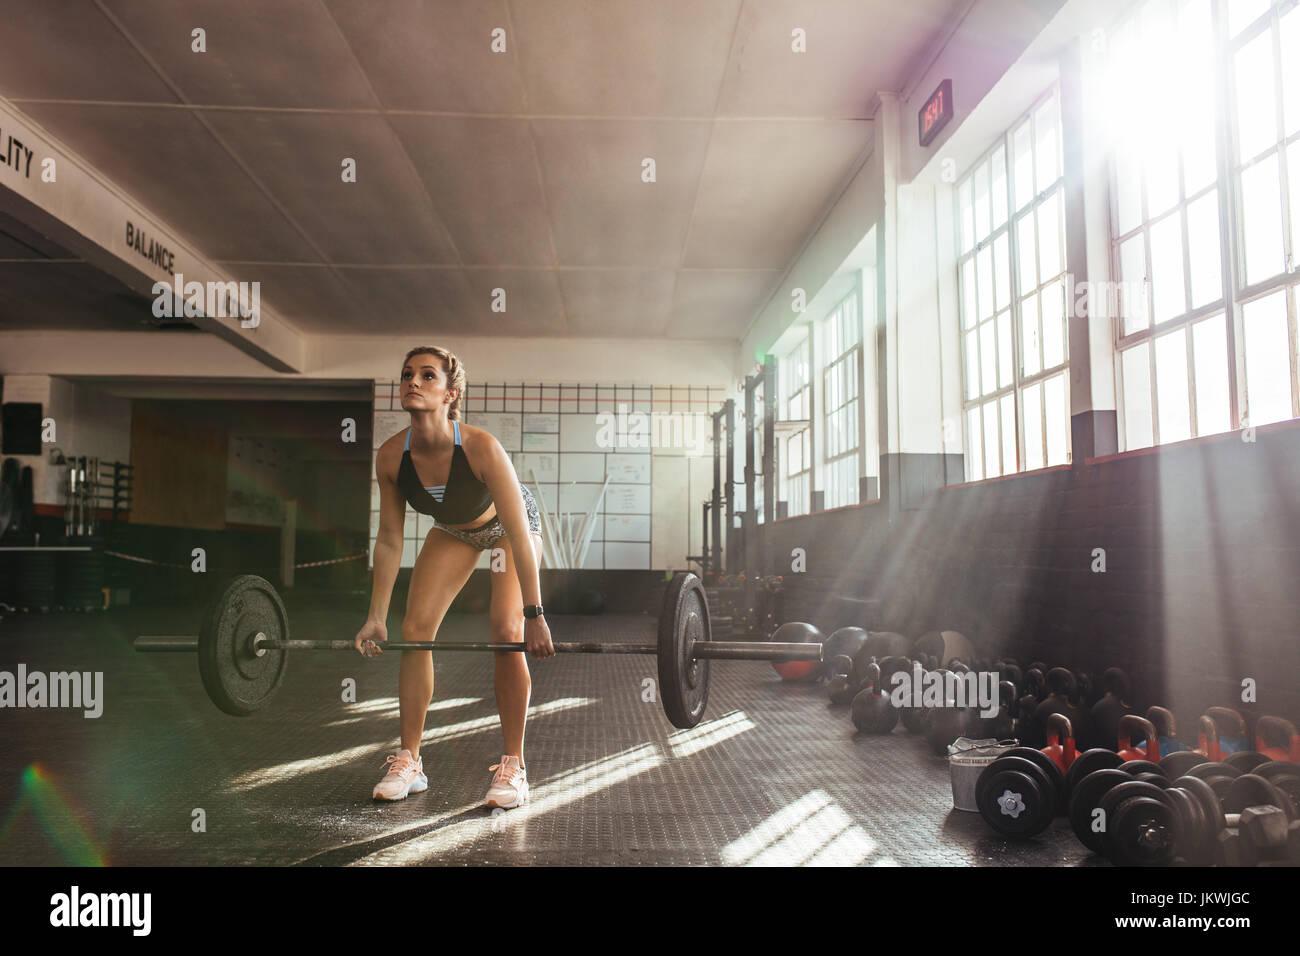 Les poids lourds de levage femme à la salle de sport pour l'entraînement musculaire. L'exercice Photo Stock